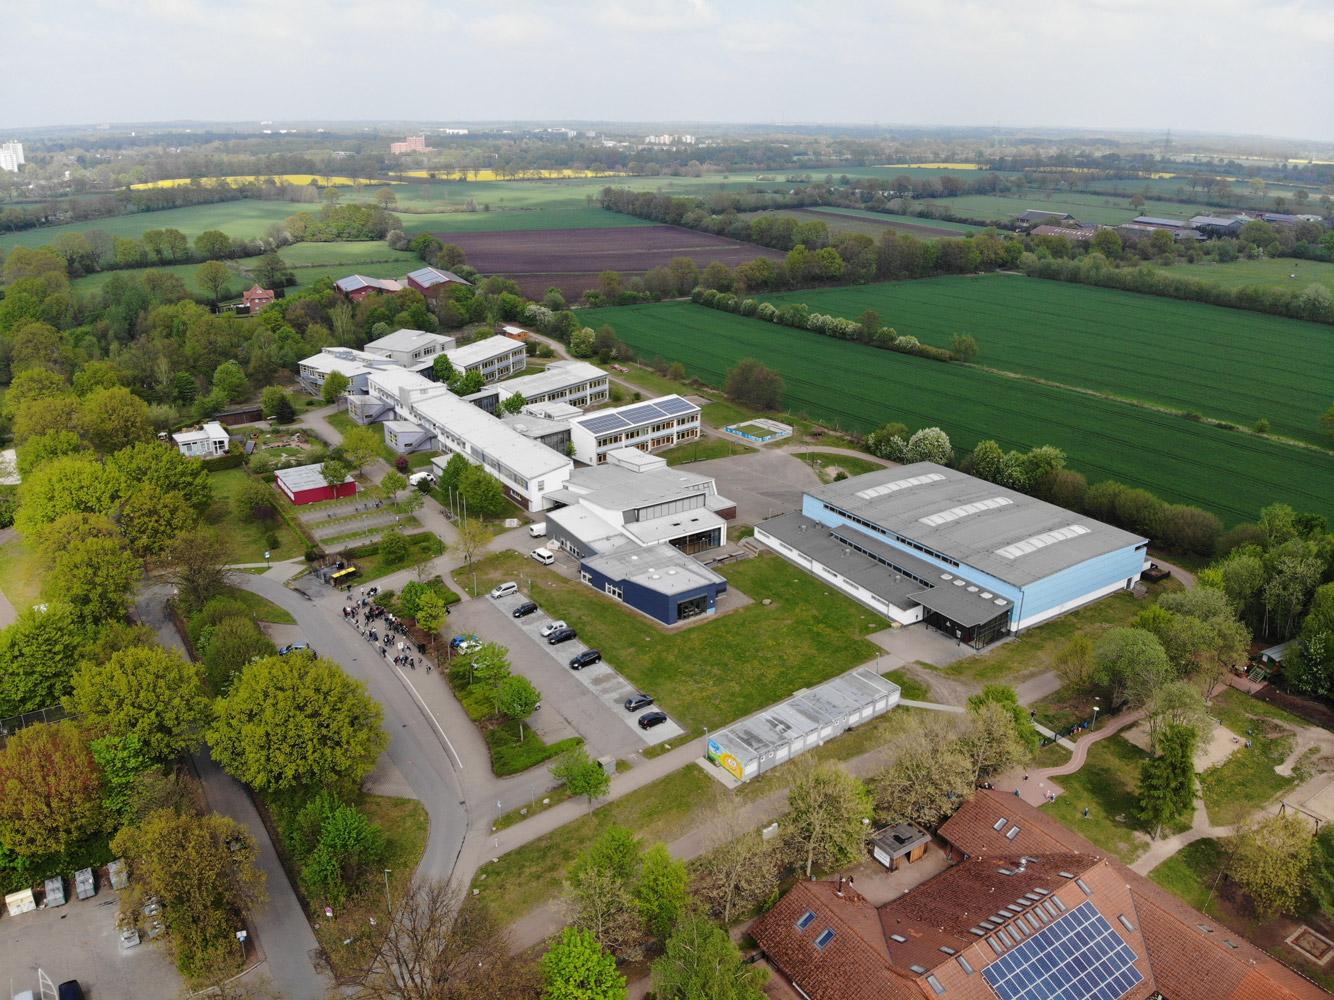 Die Erich Kästner Schule im Grünen: Unsere Schule liegt im hinteren Teil des Soltausredders und grenzt unmittelbar an die Feldmark